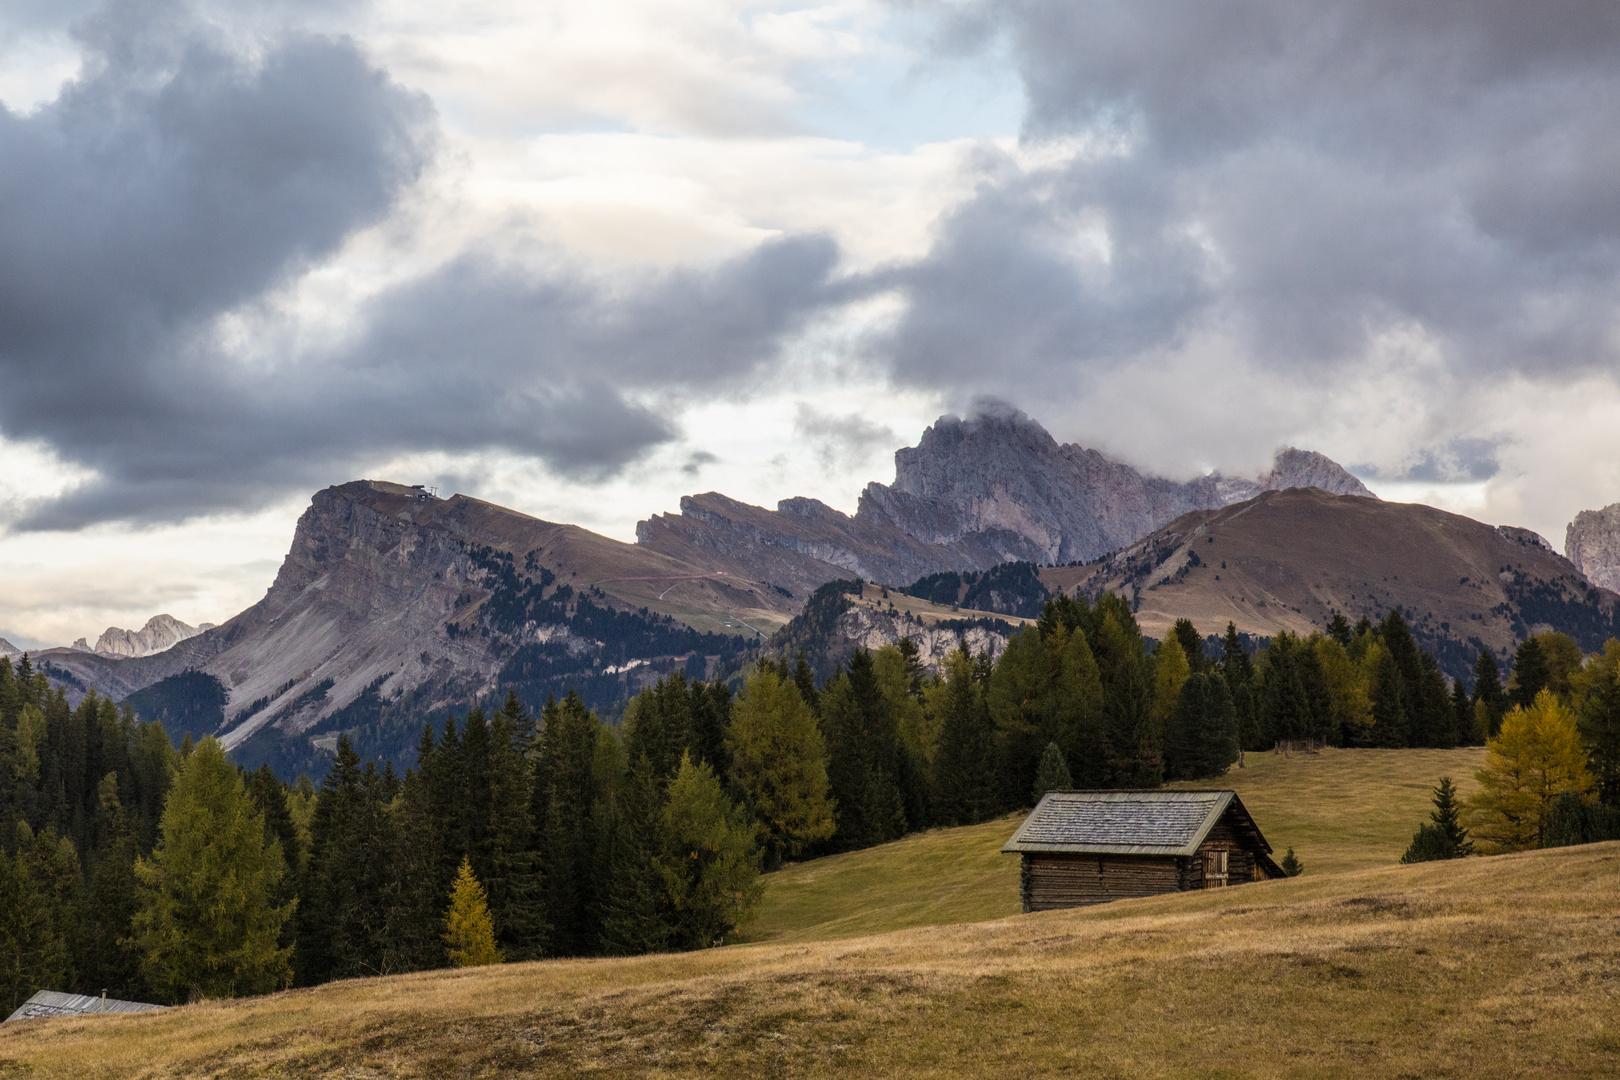 Seiser Alm mit Wolkenhimmel und einsamer Hütte